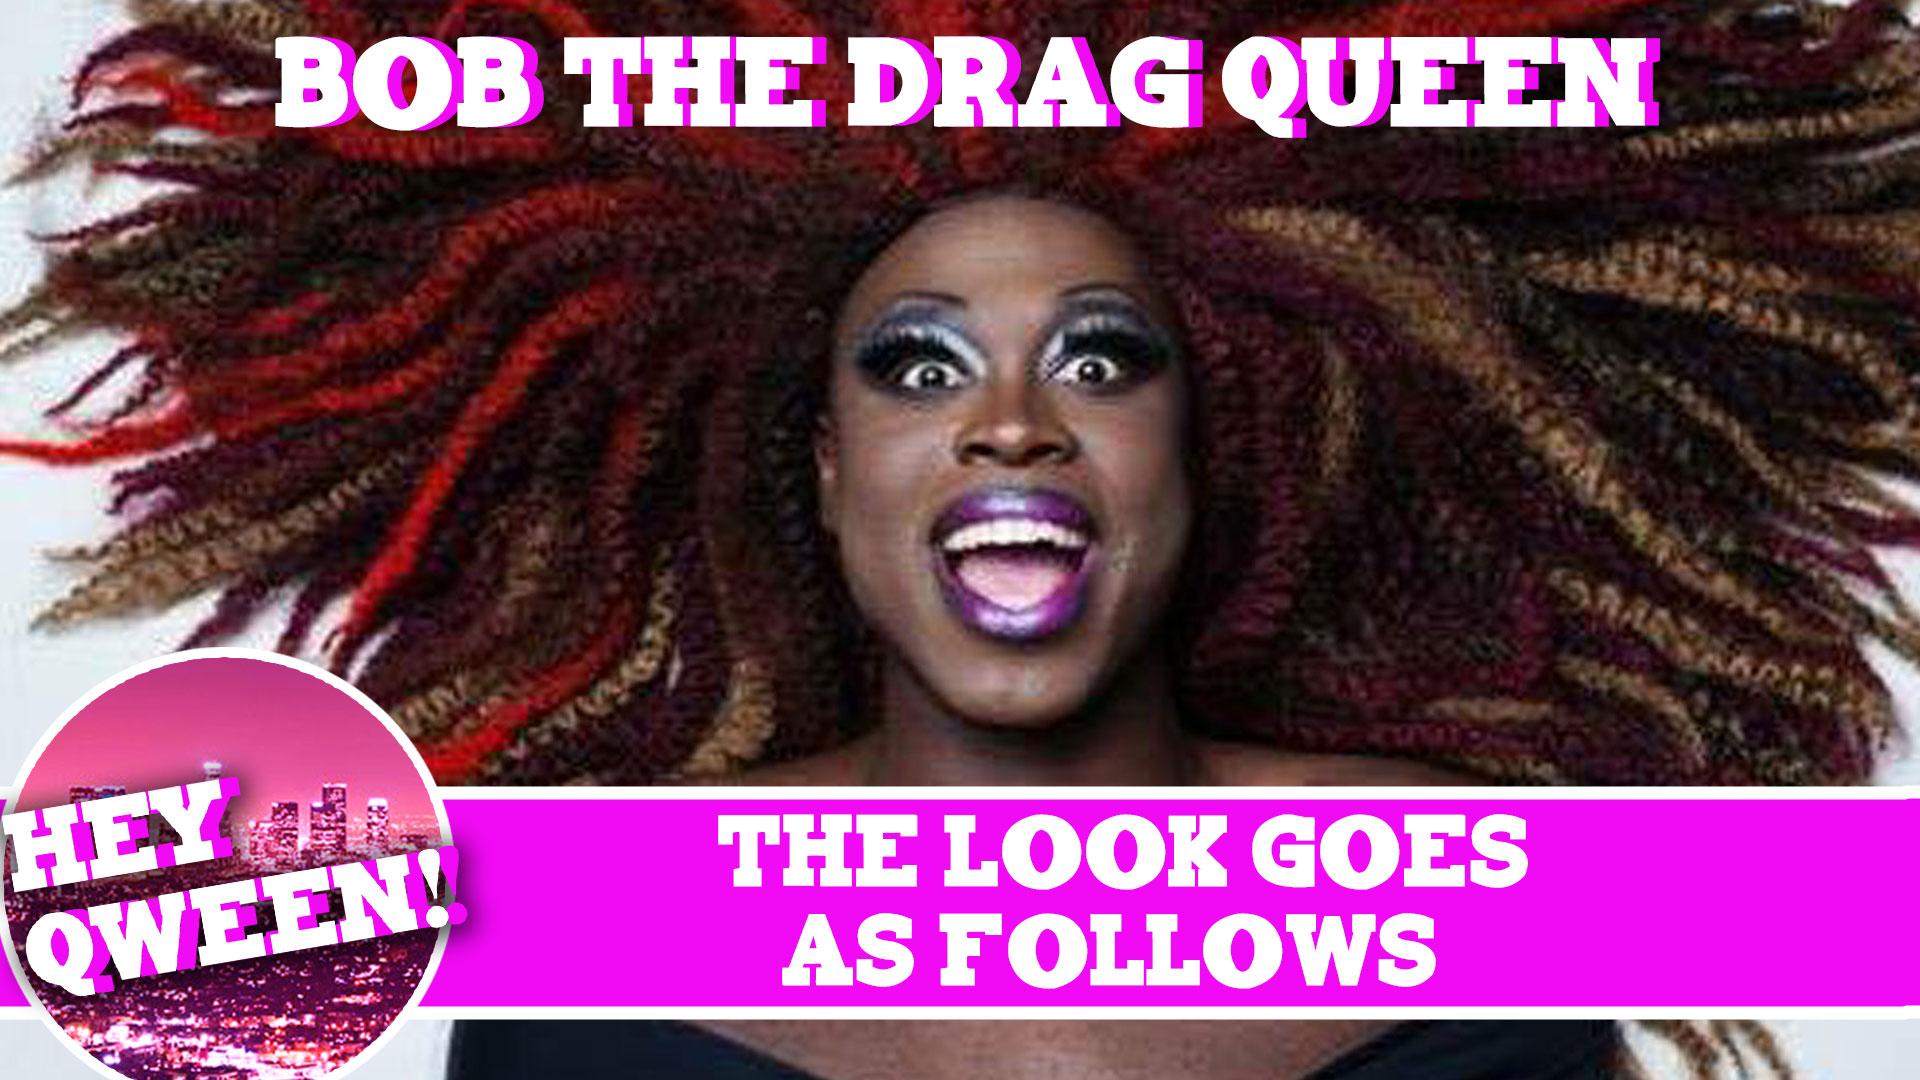 The Look Goes As Follows: Bob The Drag Queen